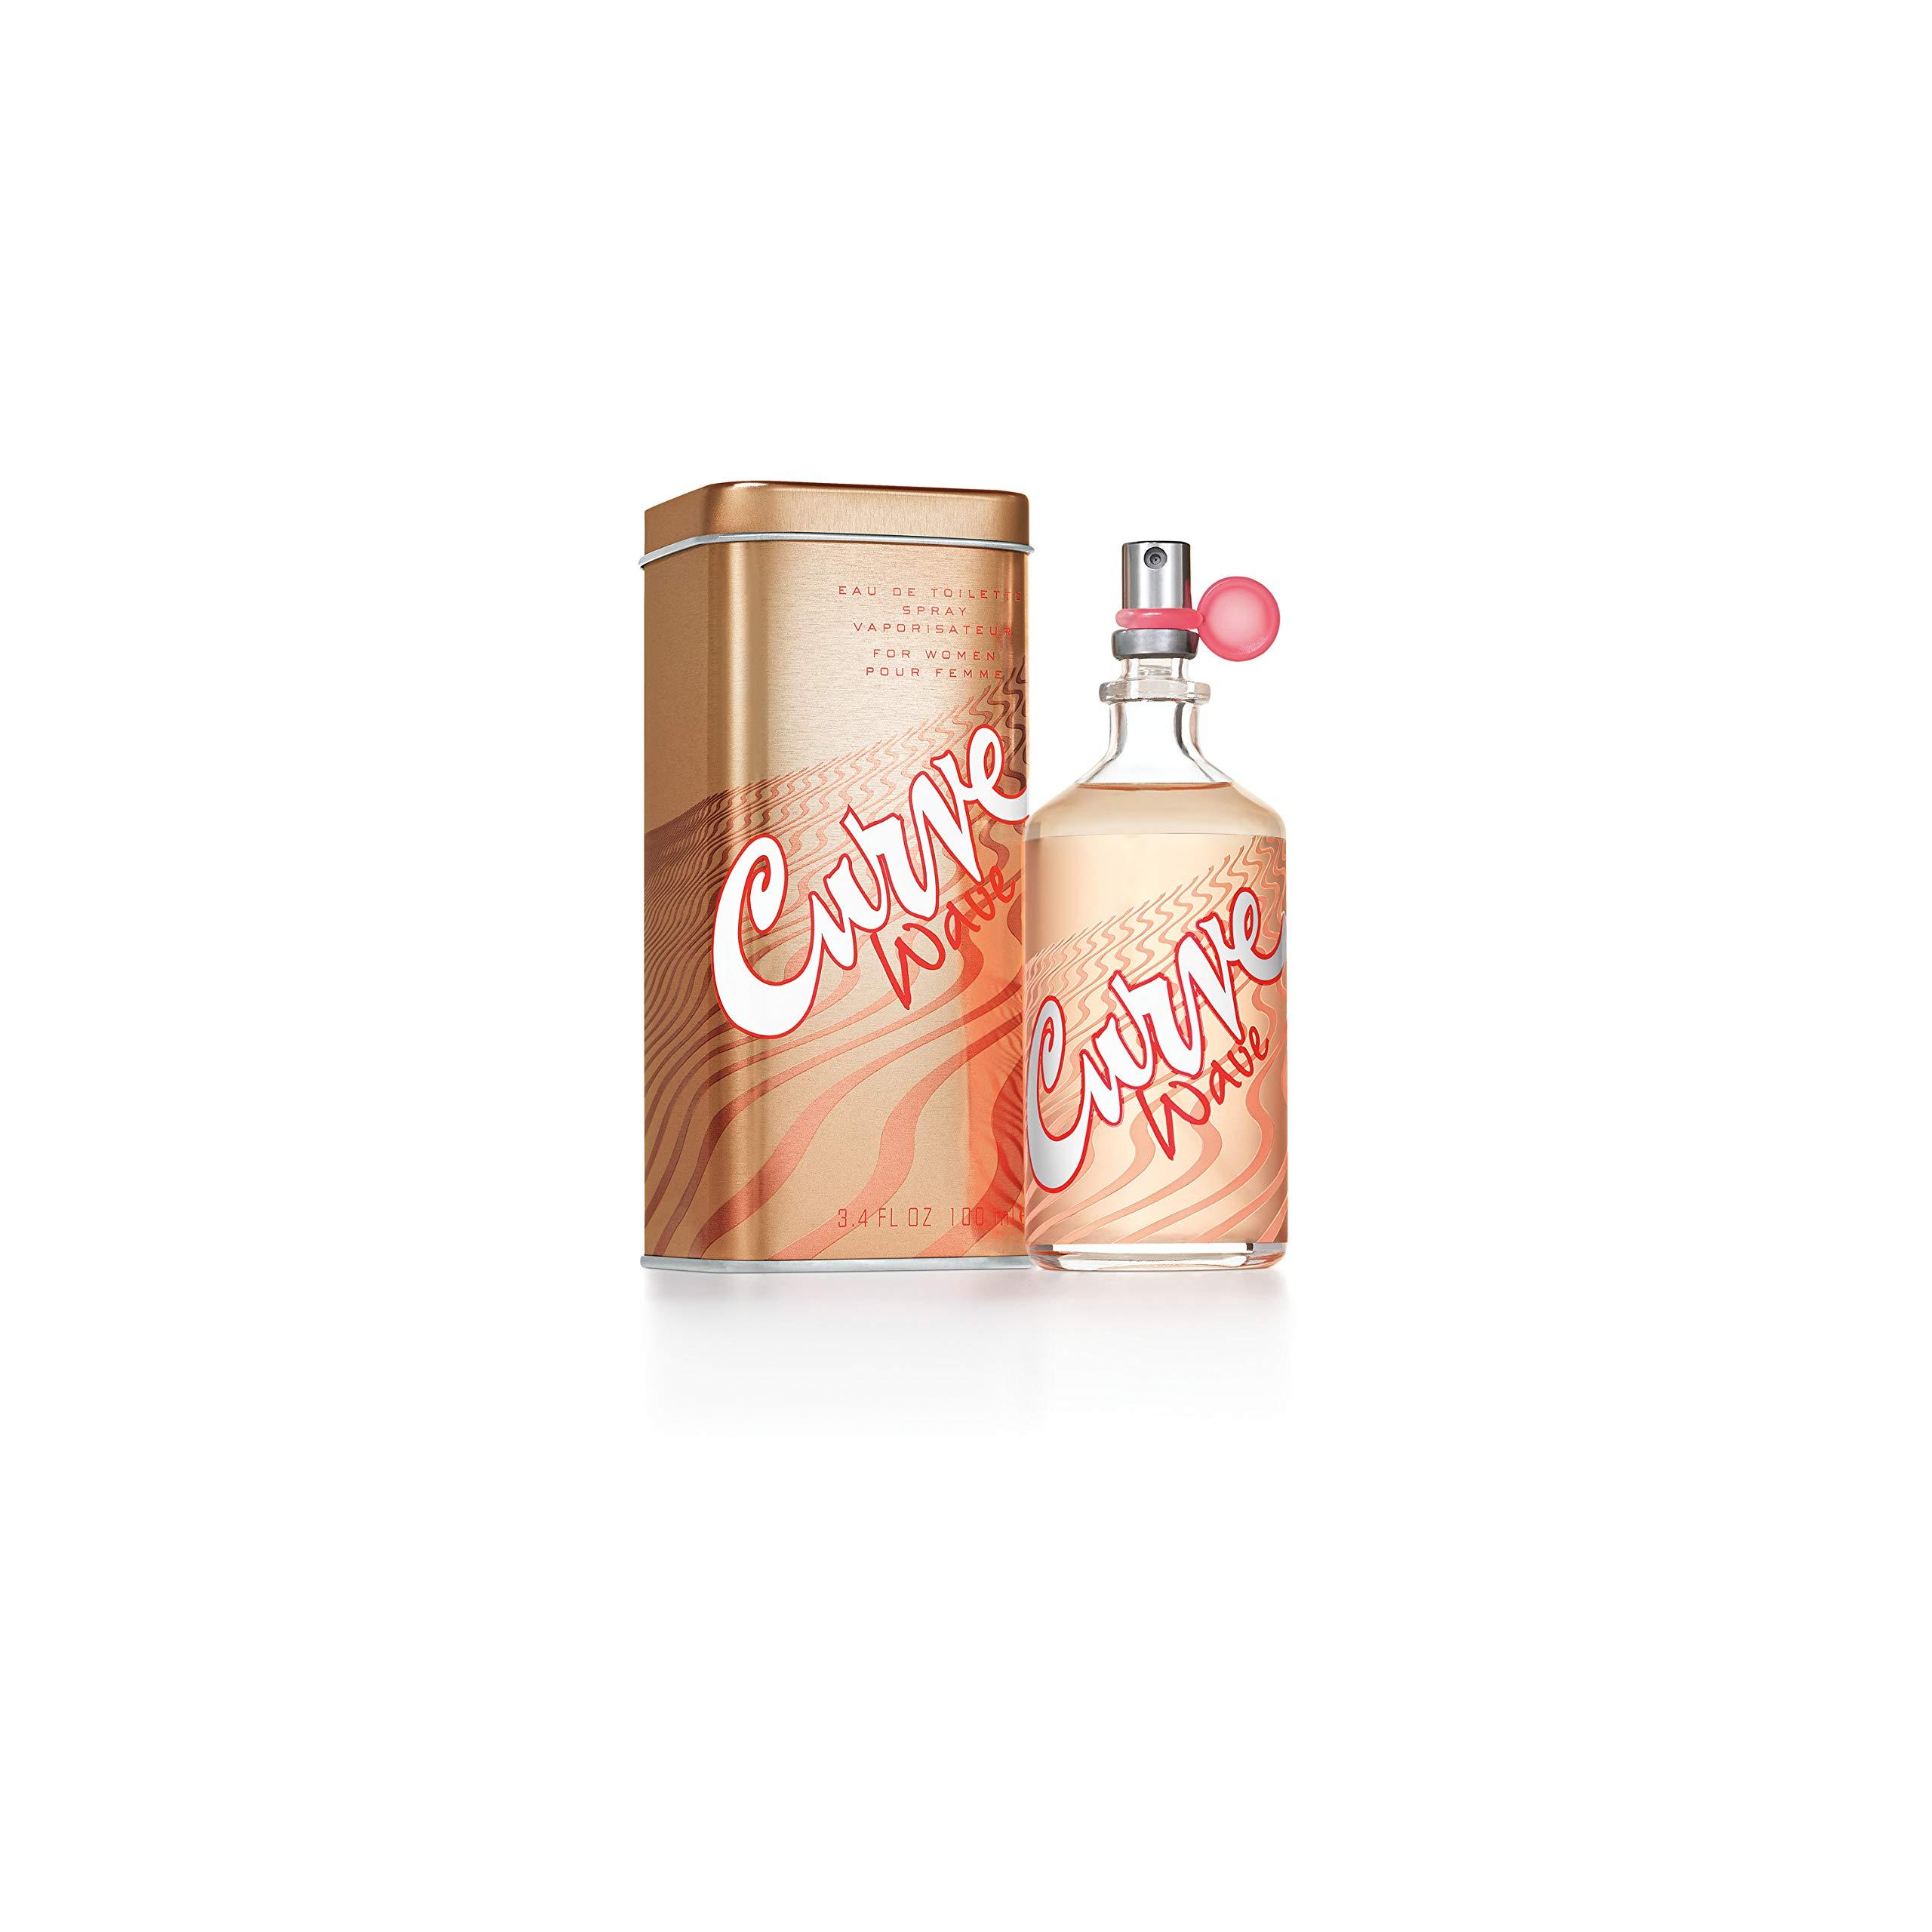 Curve Wave by Liz Claiborne for Women 3.4 oz Eau de Toilette Spray